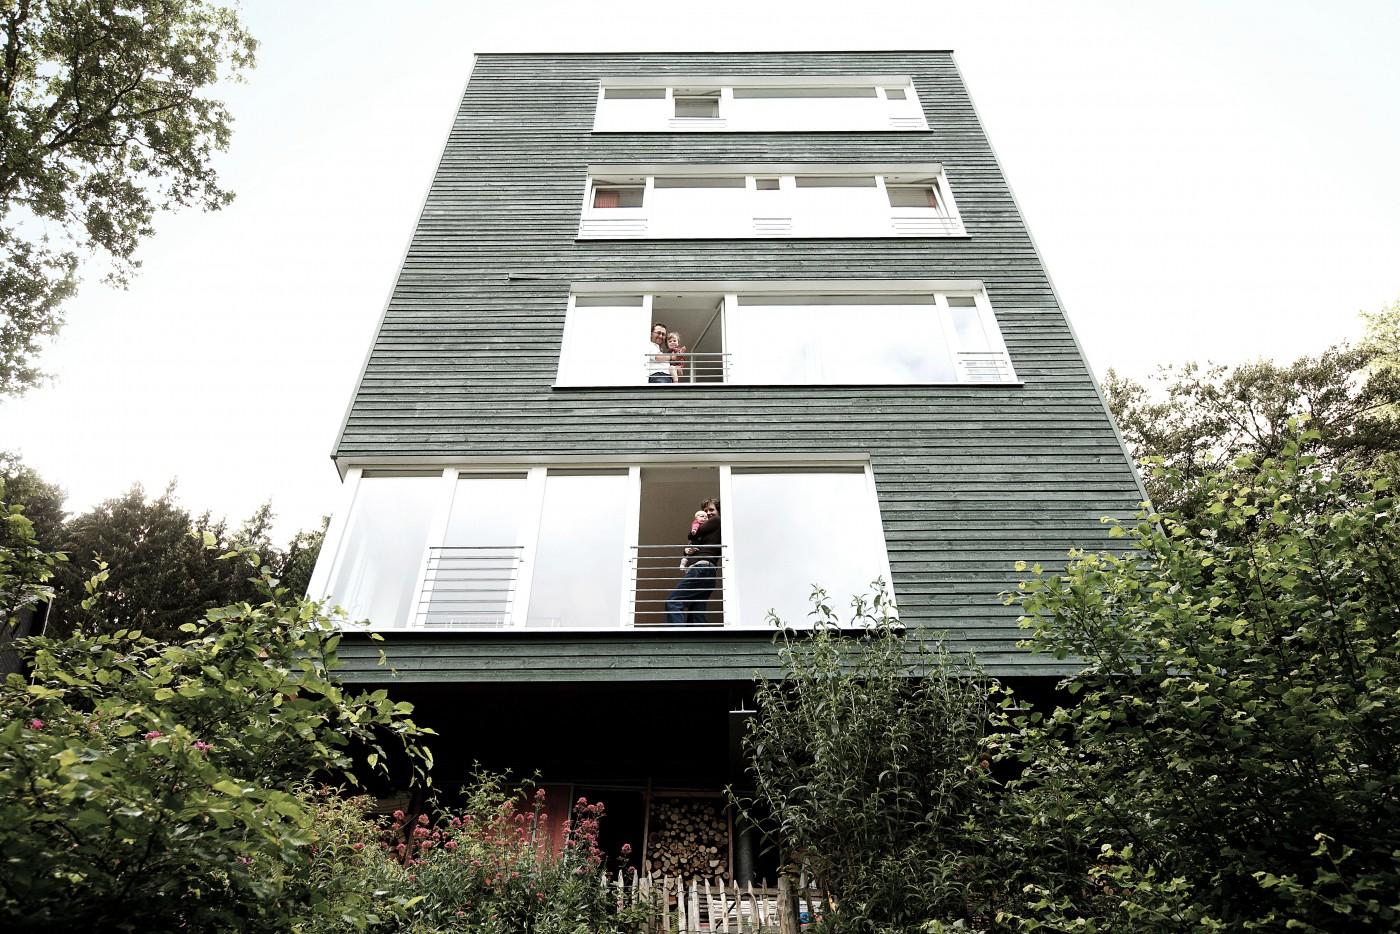 Haus am Hang – KKW Architekten